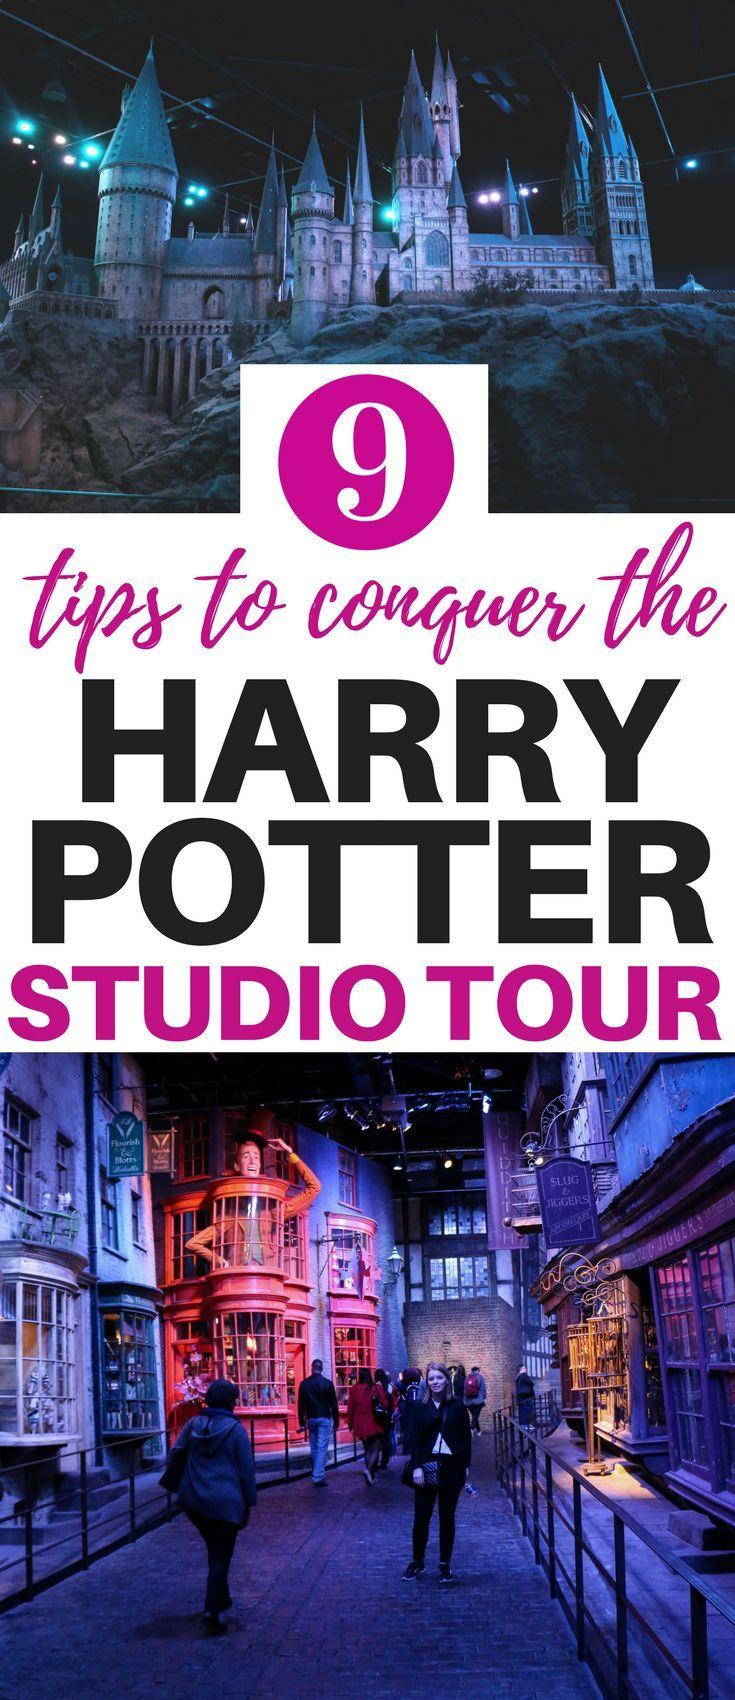 Harry Potter Studio Tour In London Casey La Vie Harry Potter Studio Tour Harry Potter Studios Harry Potter Tour